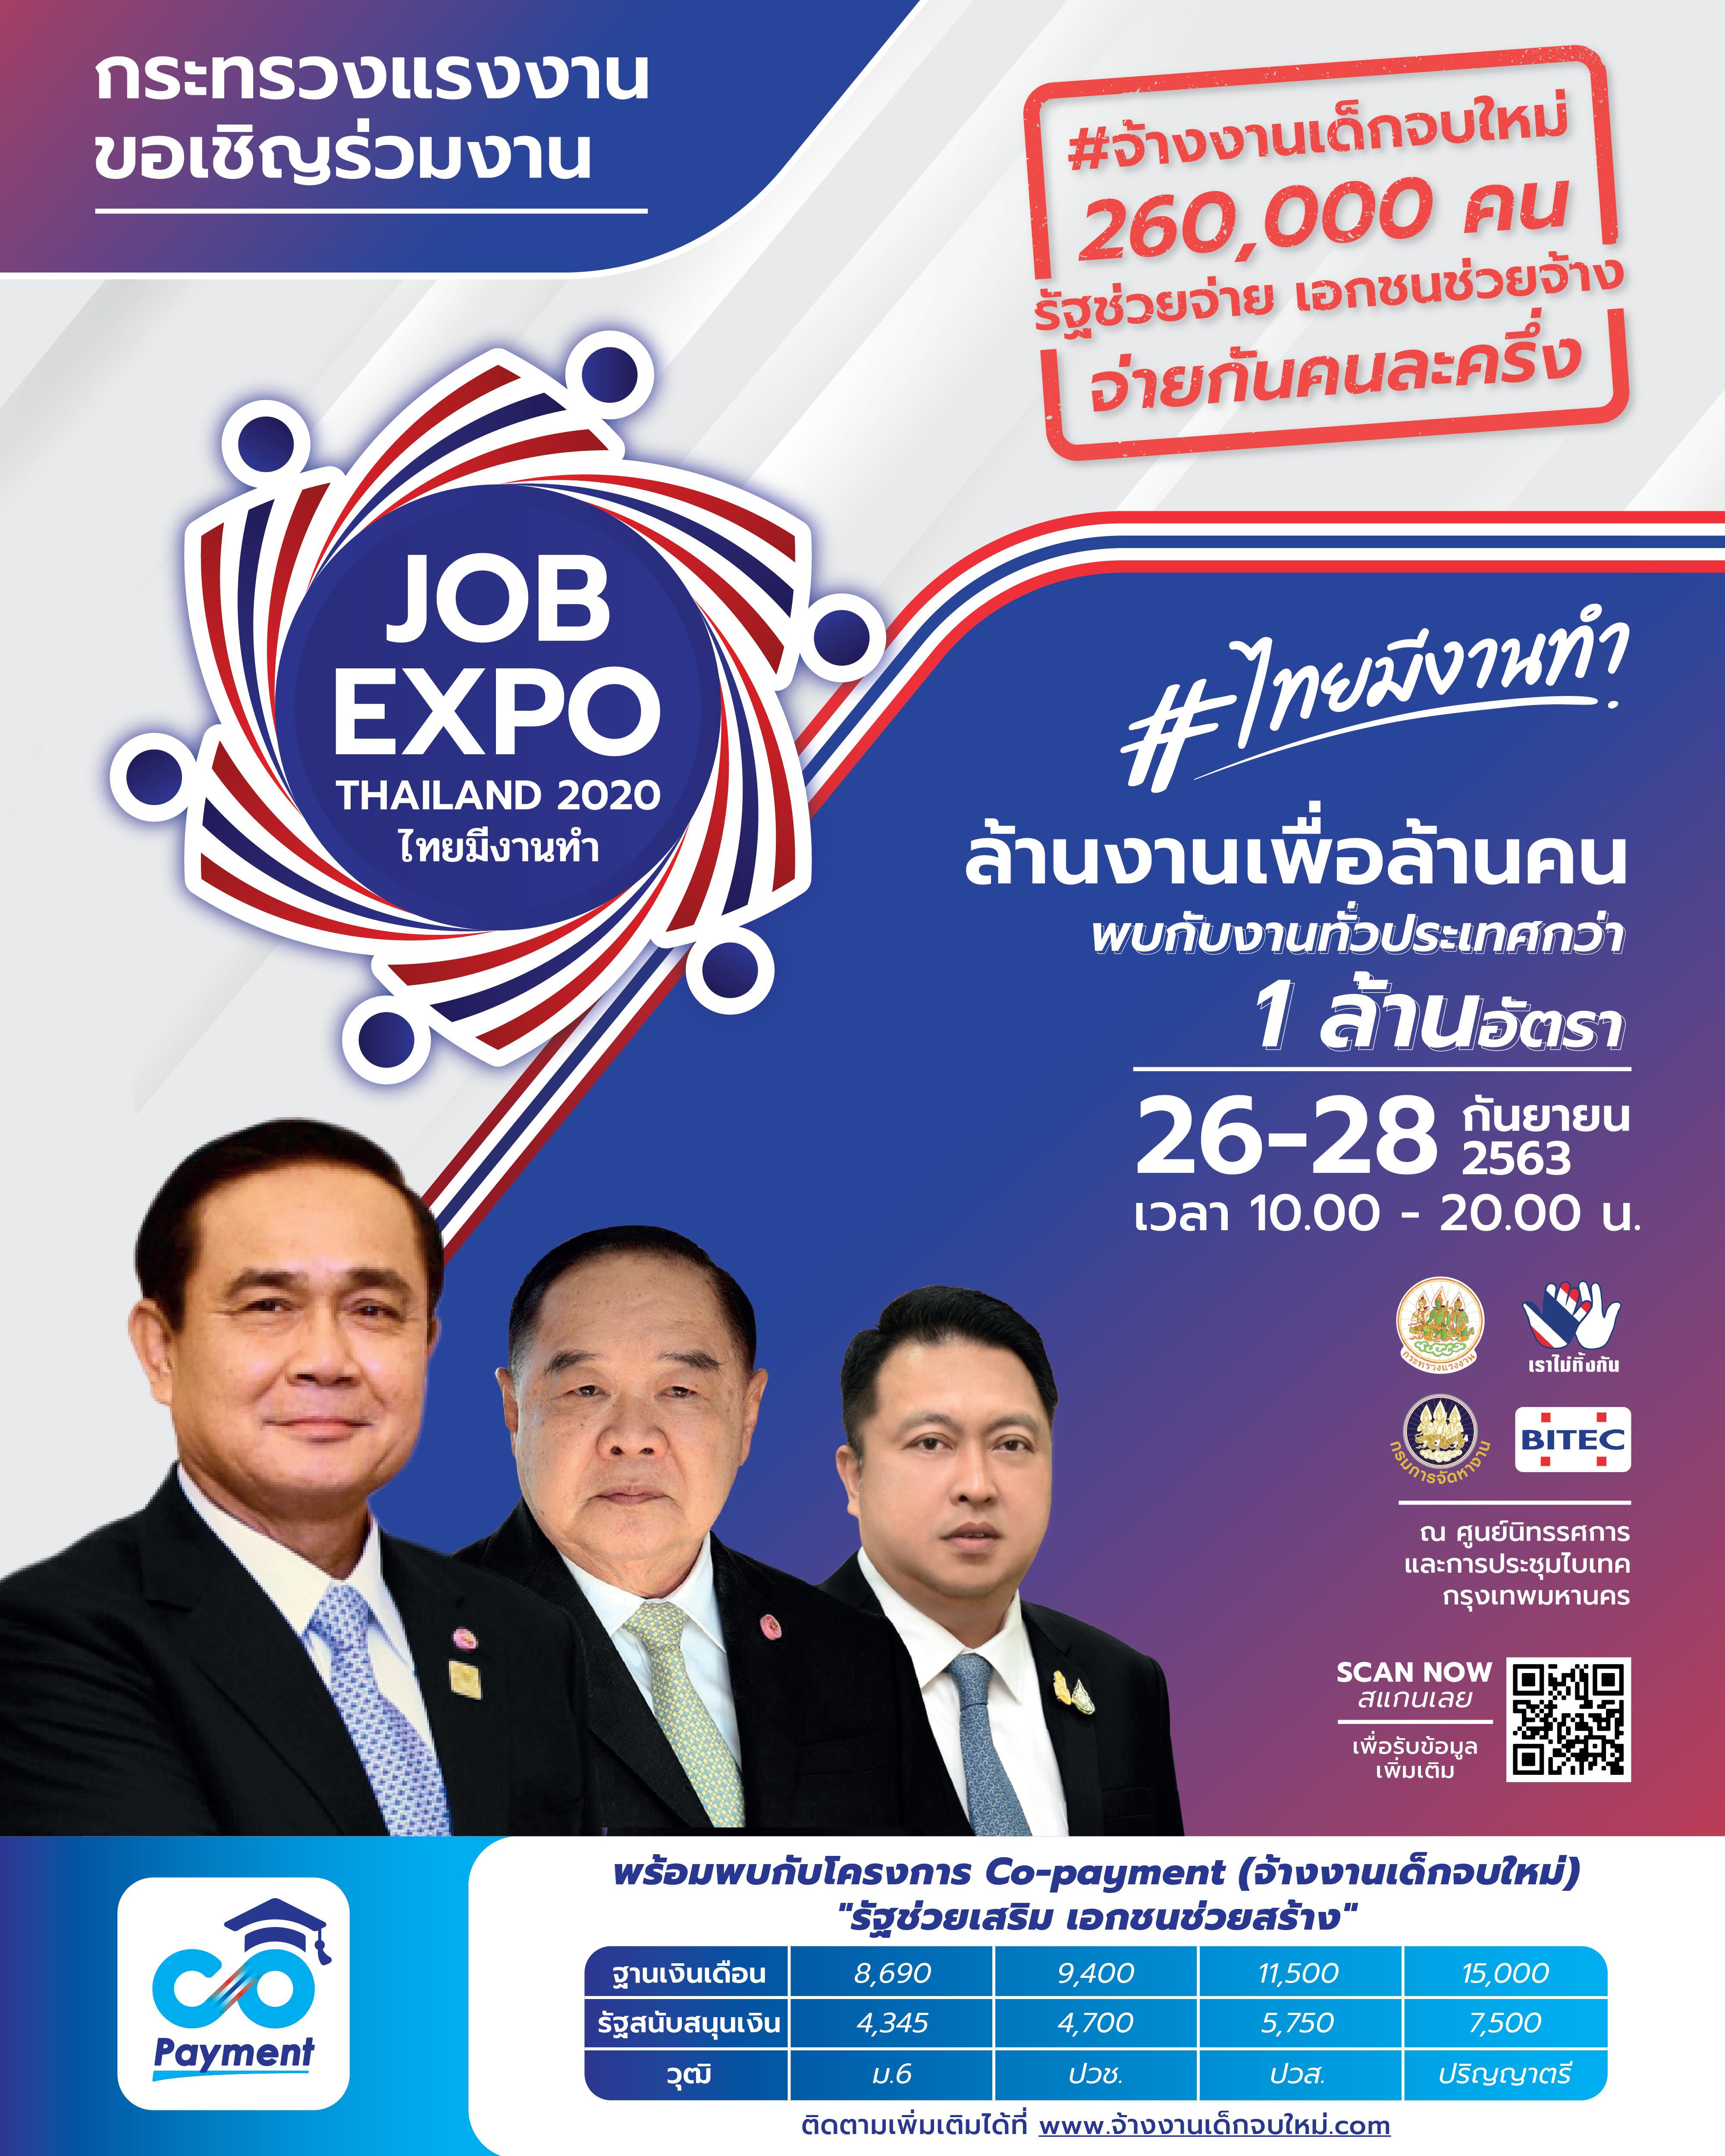 ขอเชิญชวนประชาชน คนหางาน เข้าร่วมกิจกรรม Job Expo Thailand 2020